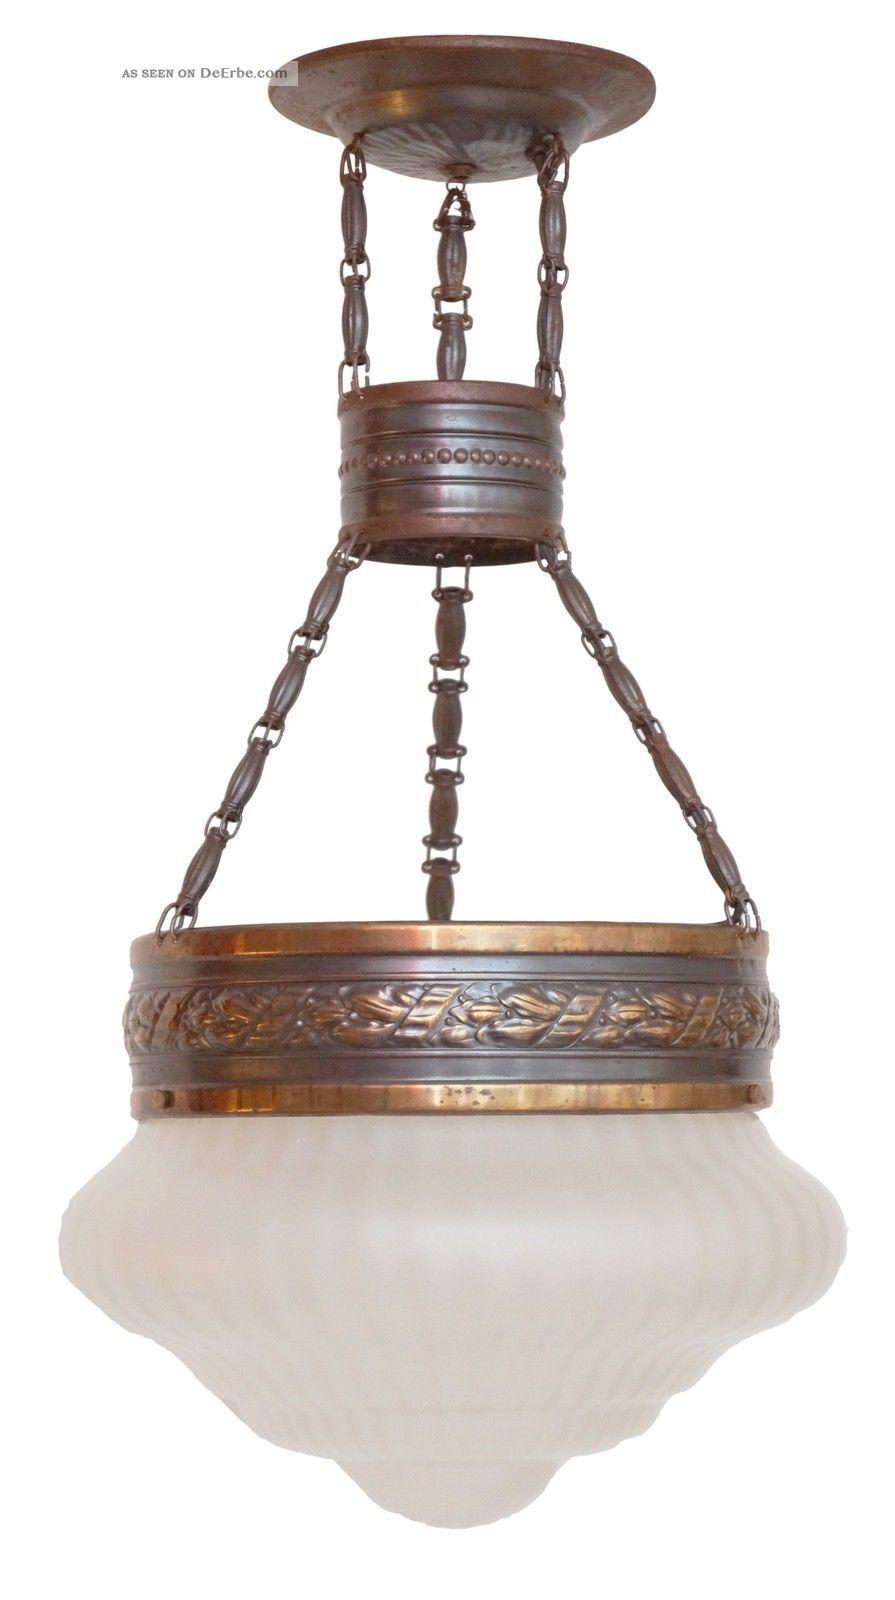 Jugendstil Hängelampe Deckenleuchte Um 1910 Flurlaterne Flurlampe Antike Originale vor 1945 Bild